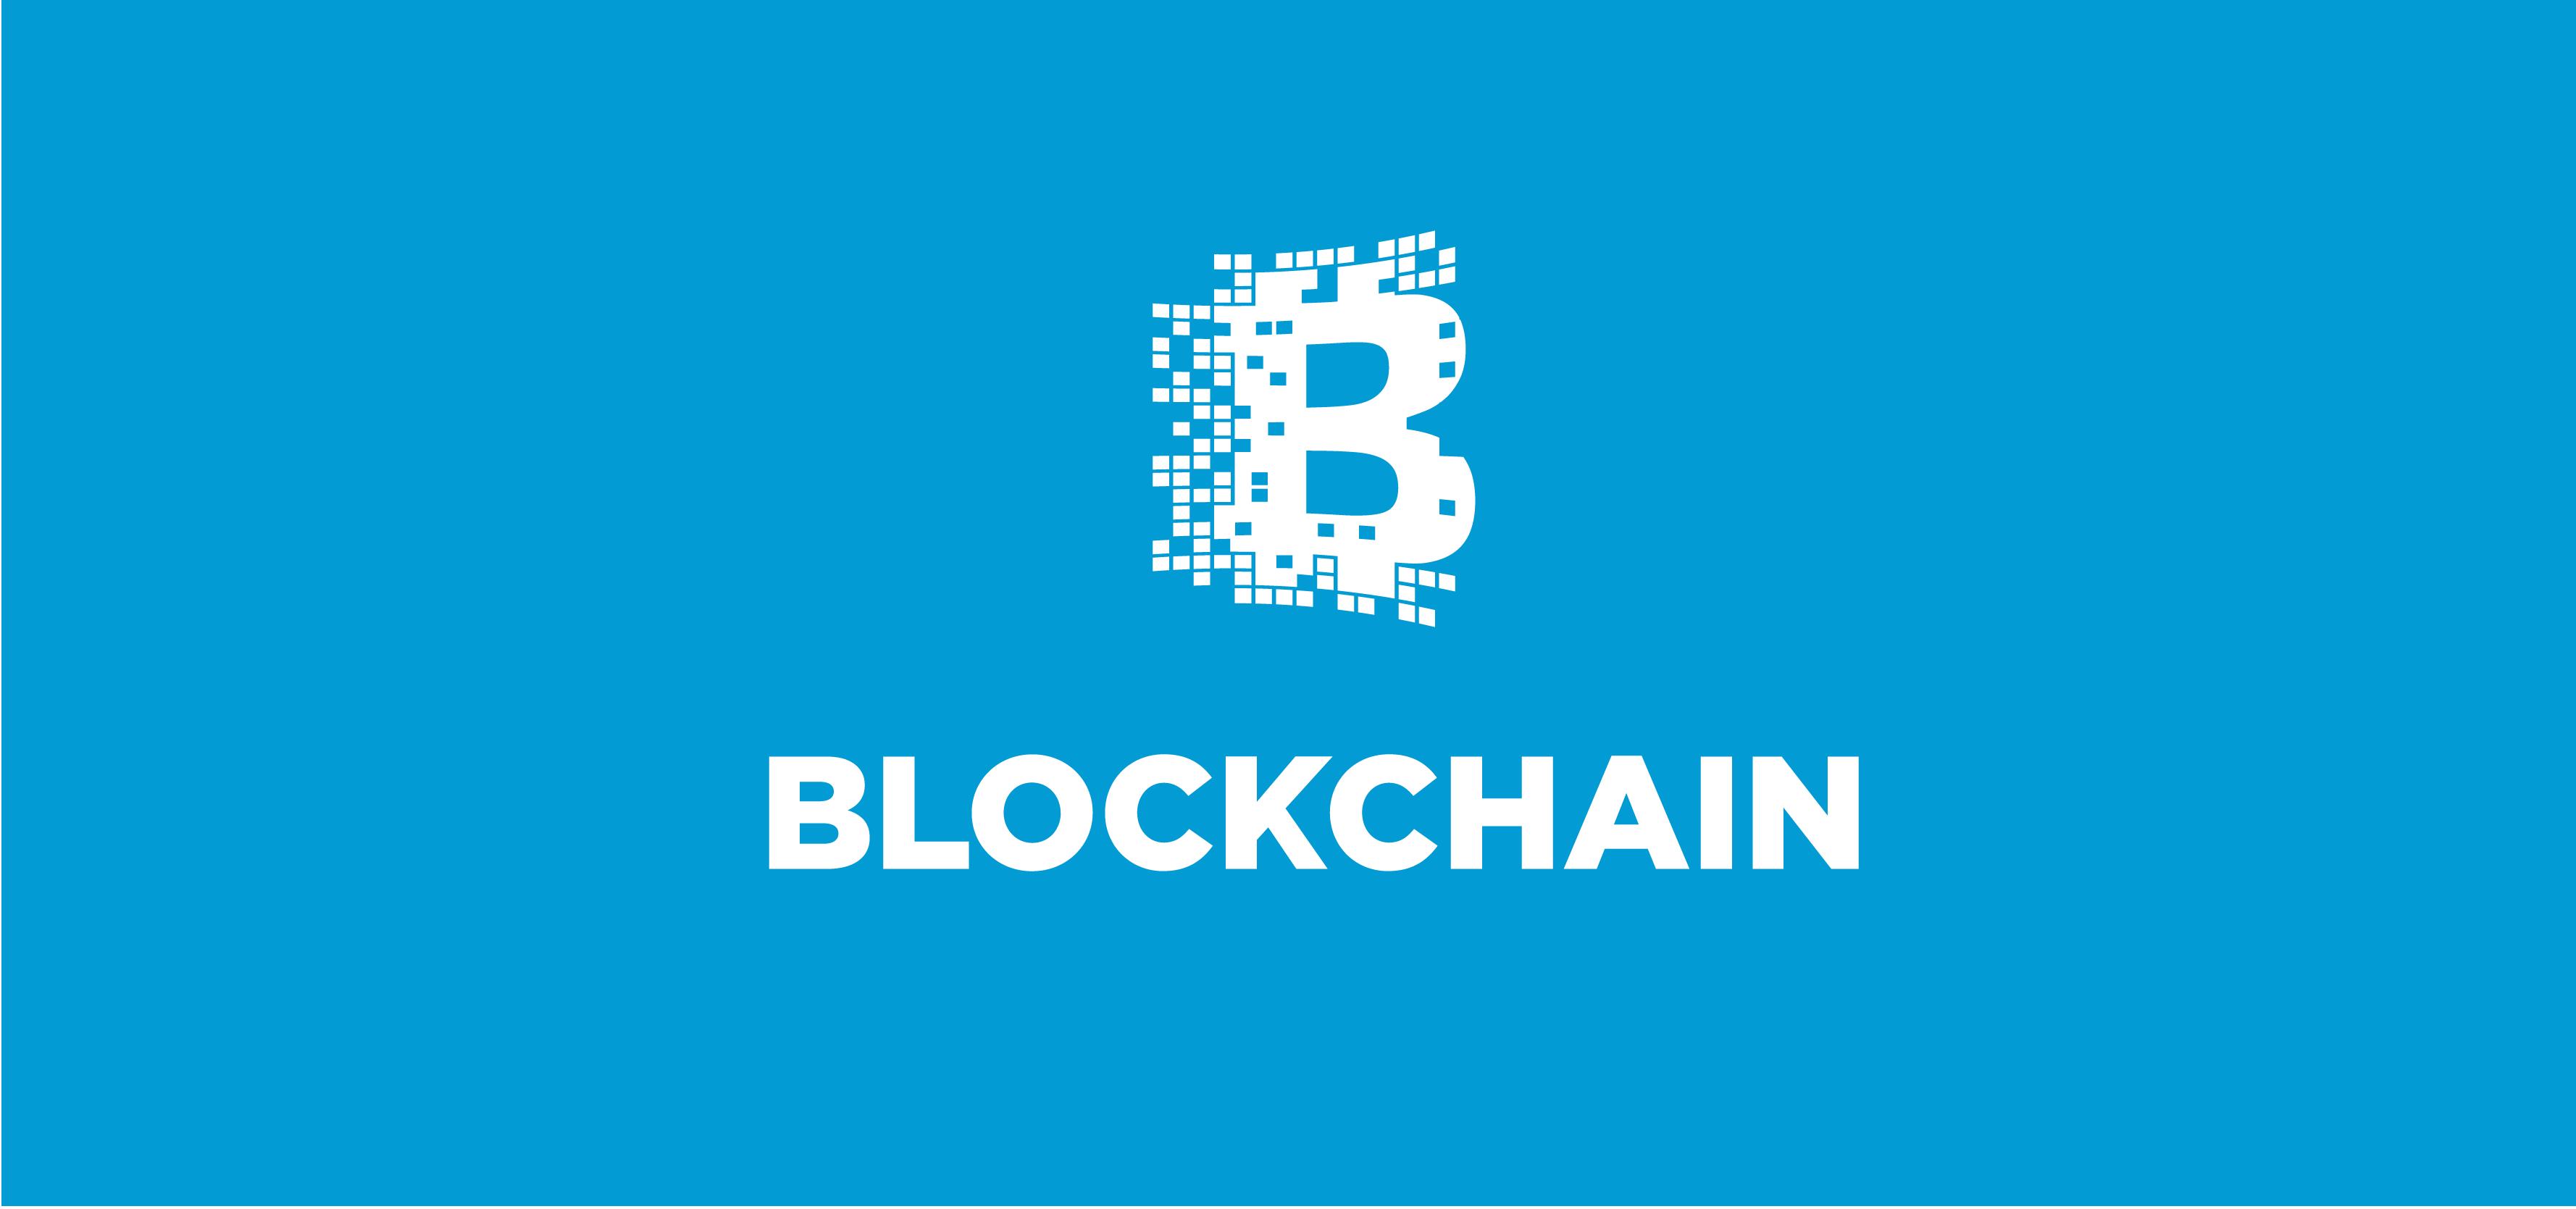 آشنایی با فناوری Block Chain و کاربردهای آن